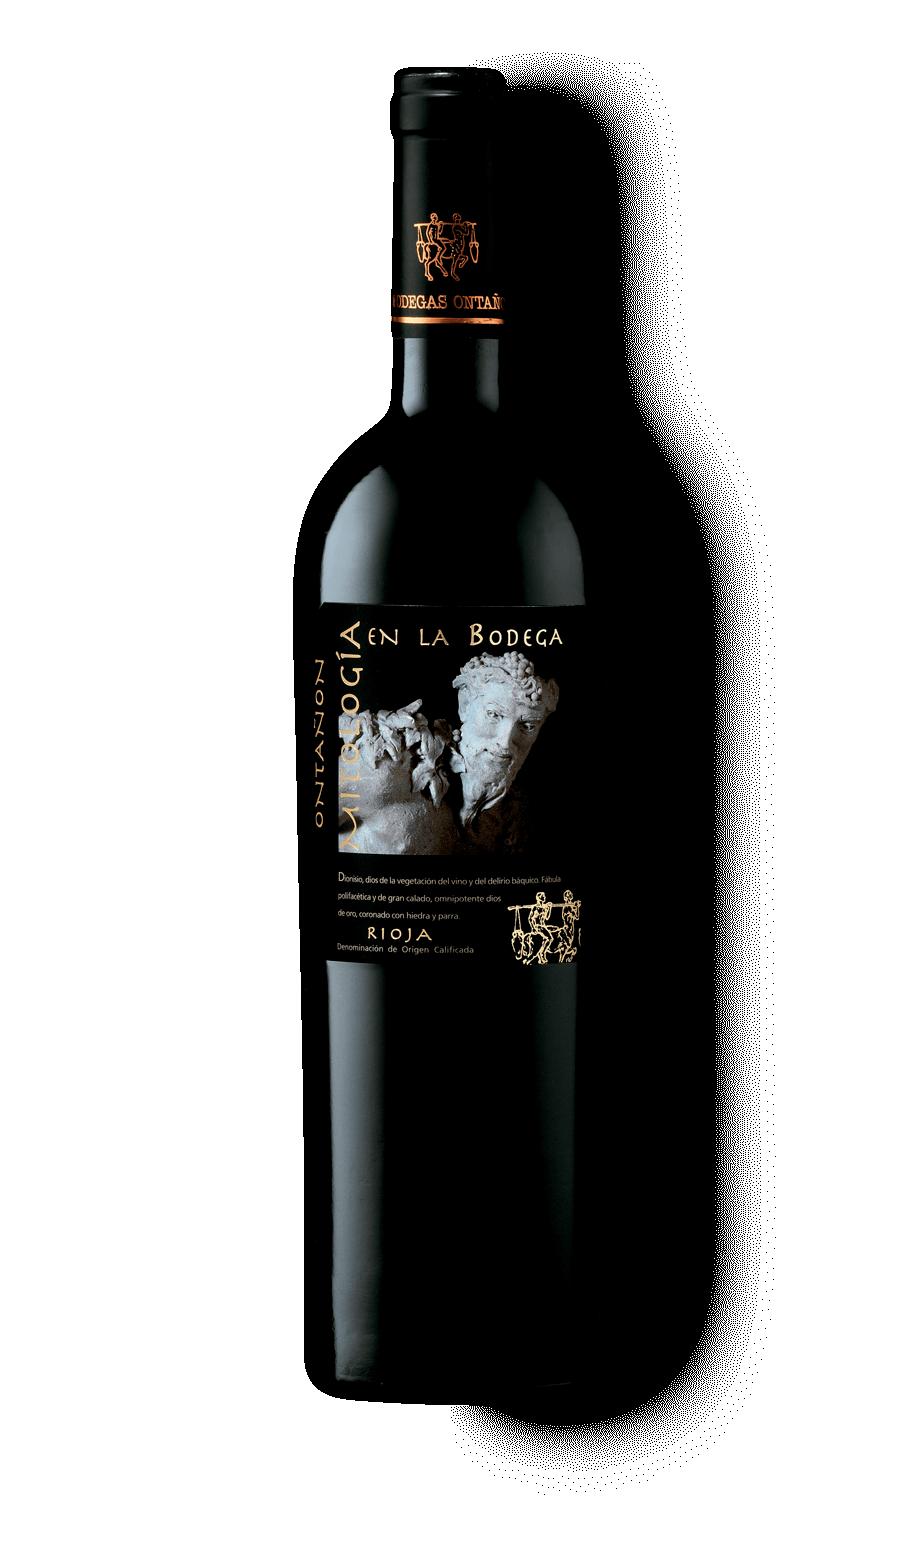 Gran Reserva Mitológico de Culto al Vino - Bodegas Ontañón - Bodegas Queirón